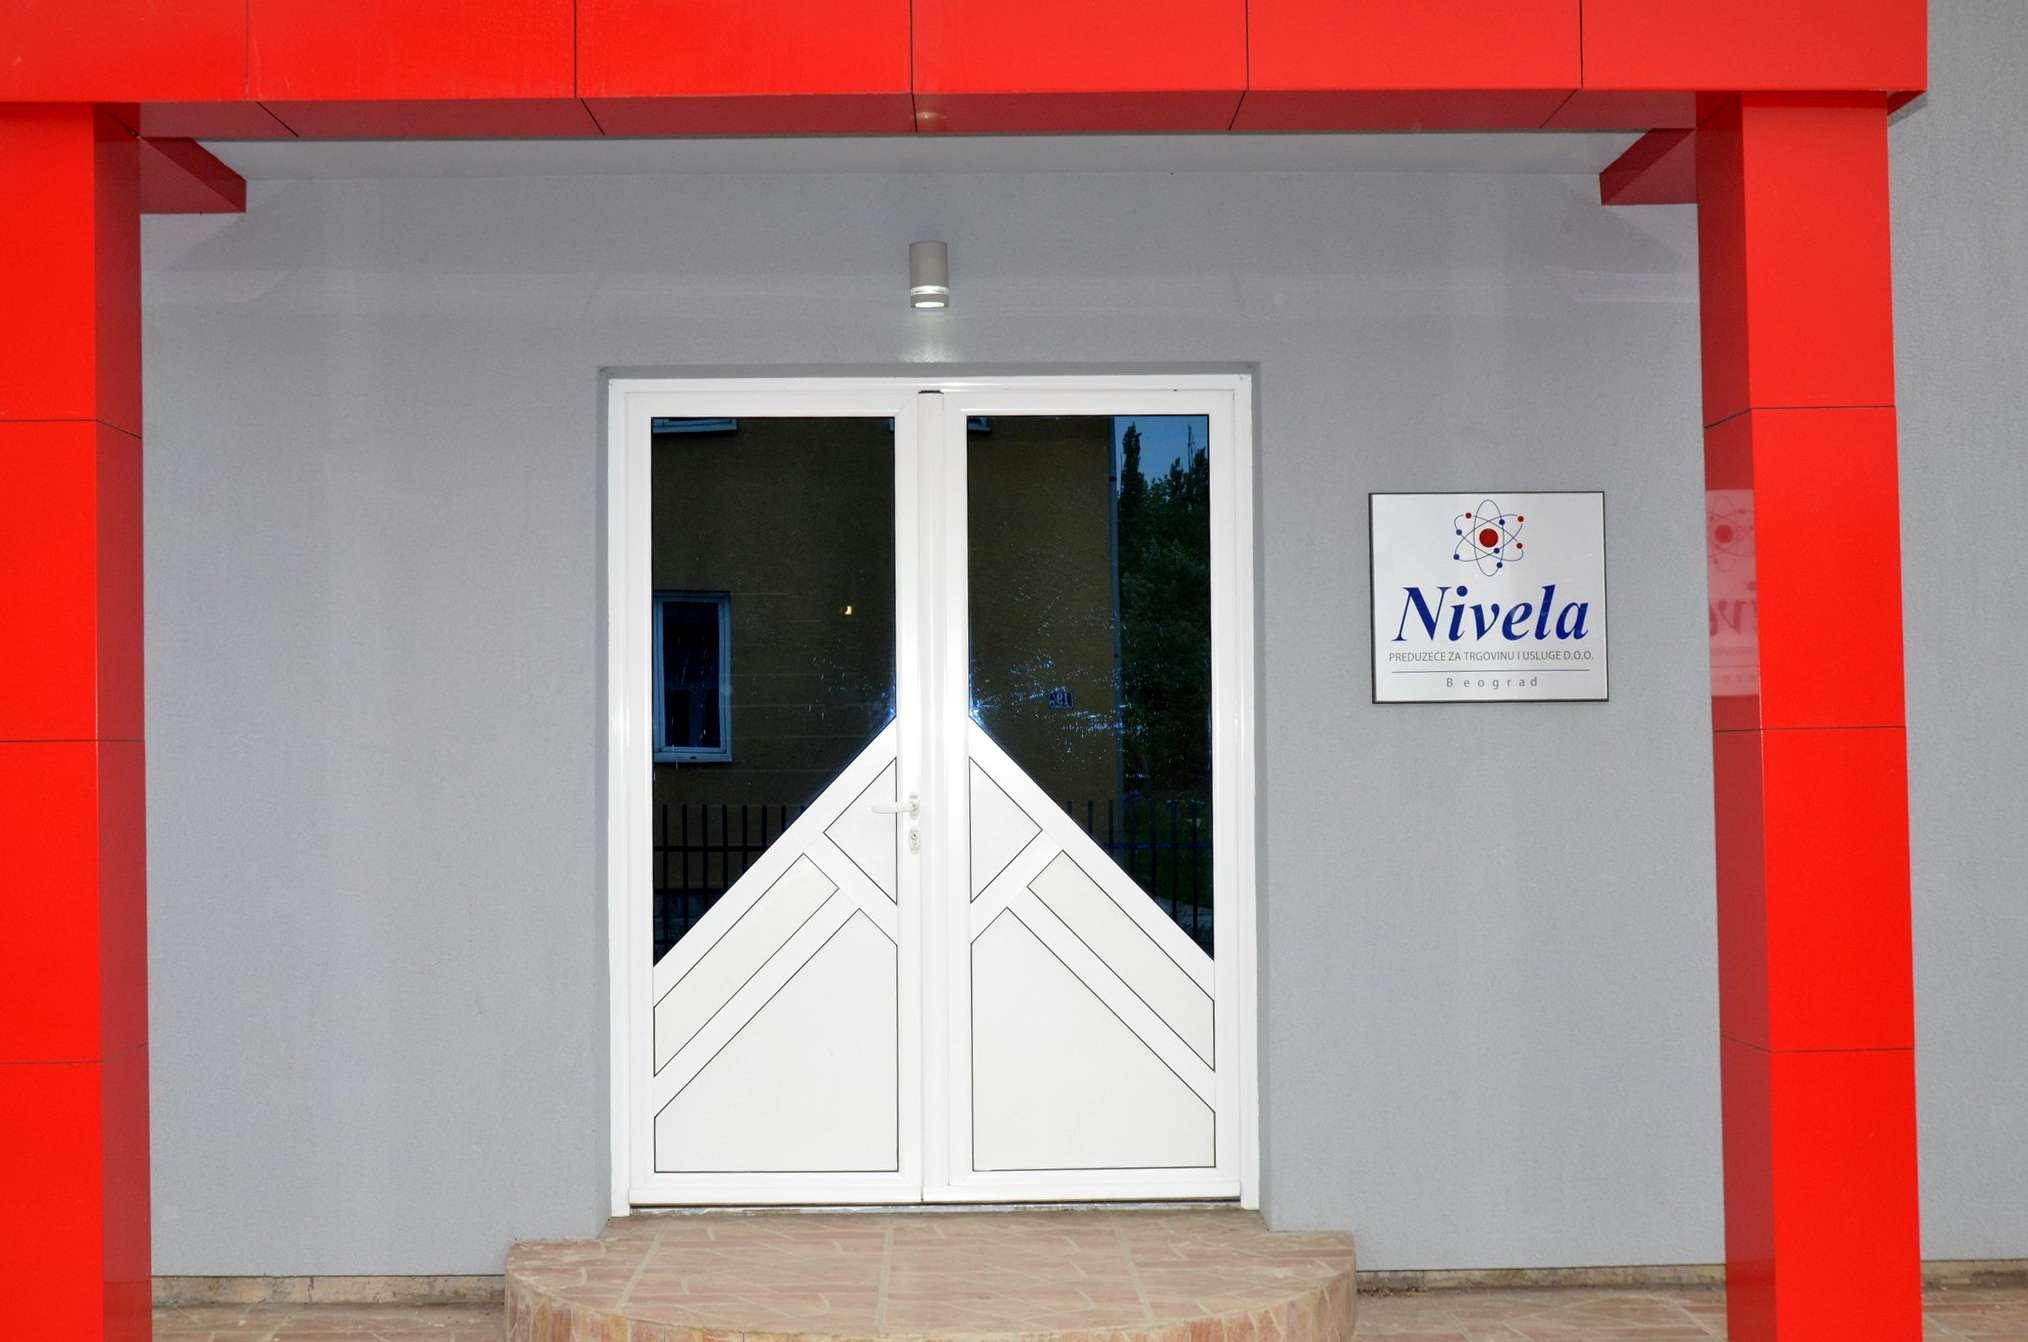 Nivela